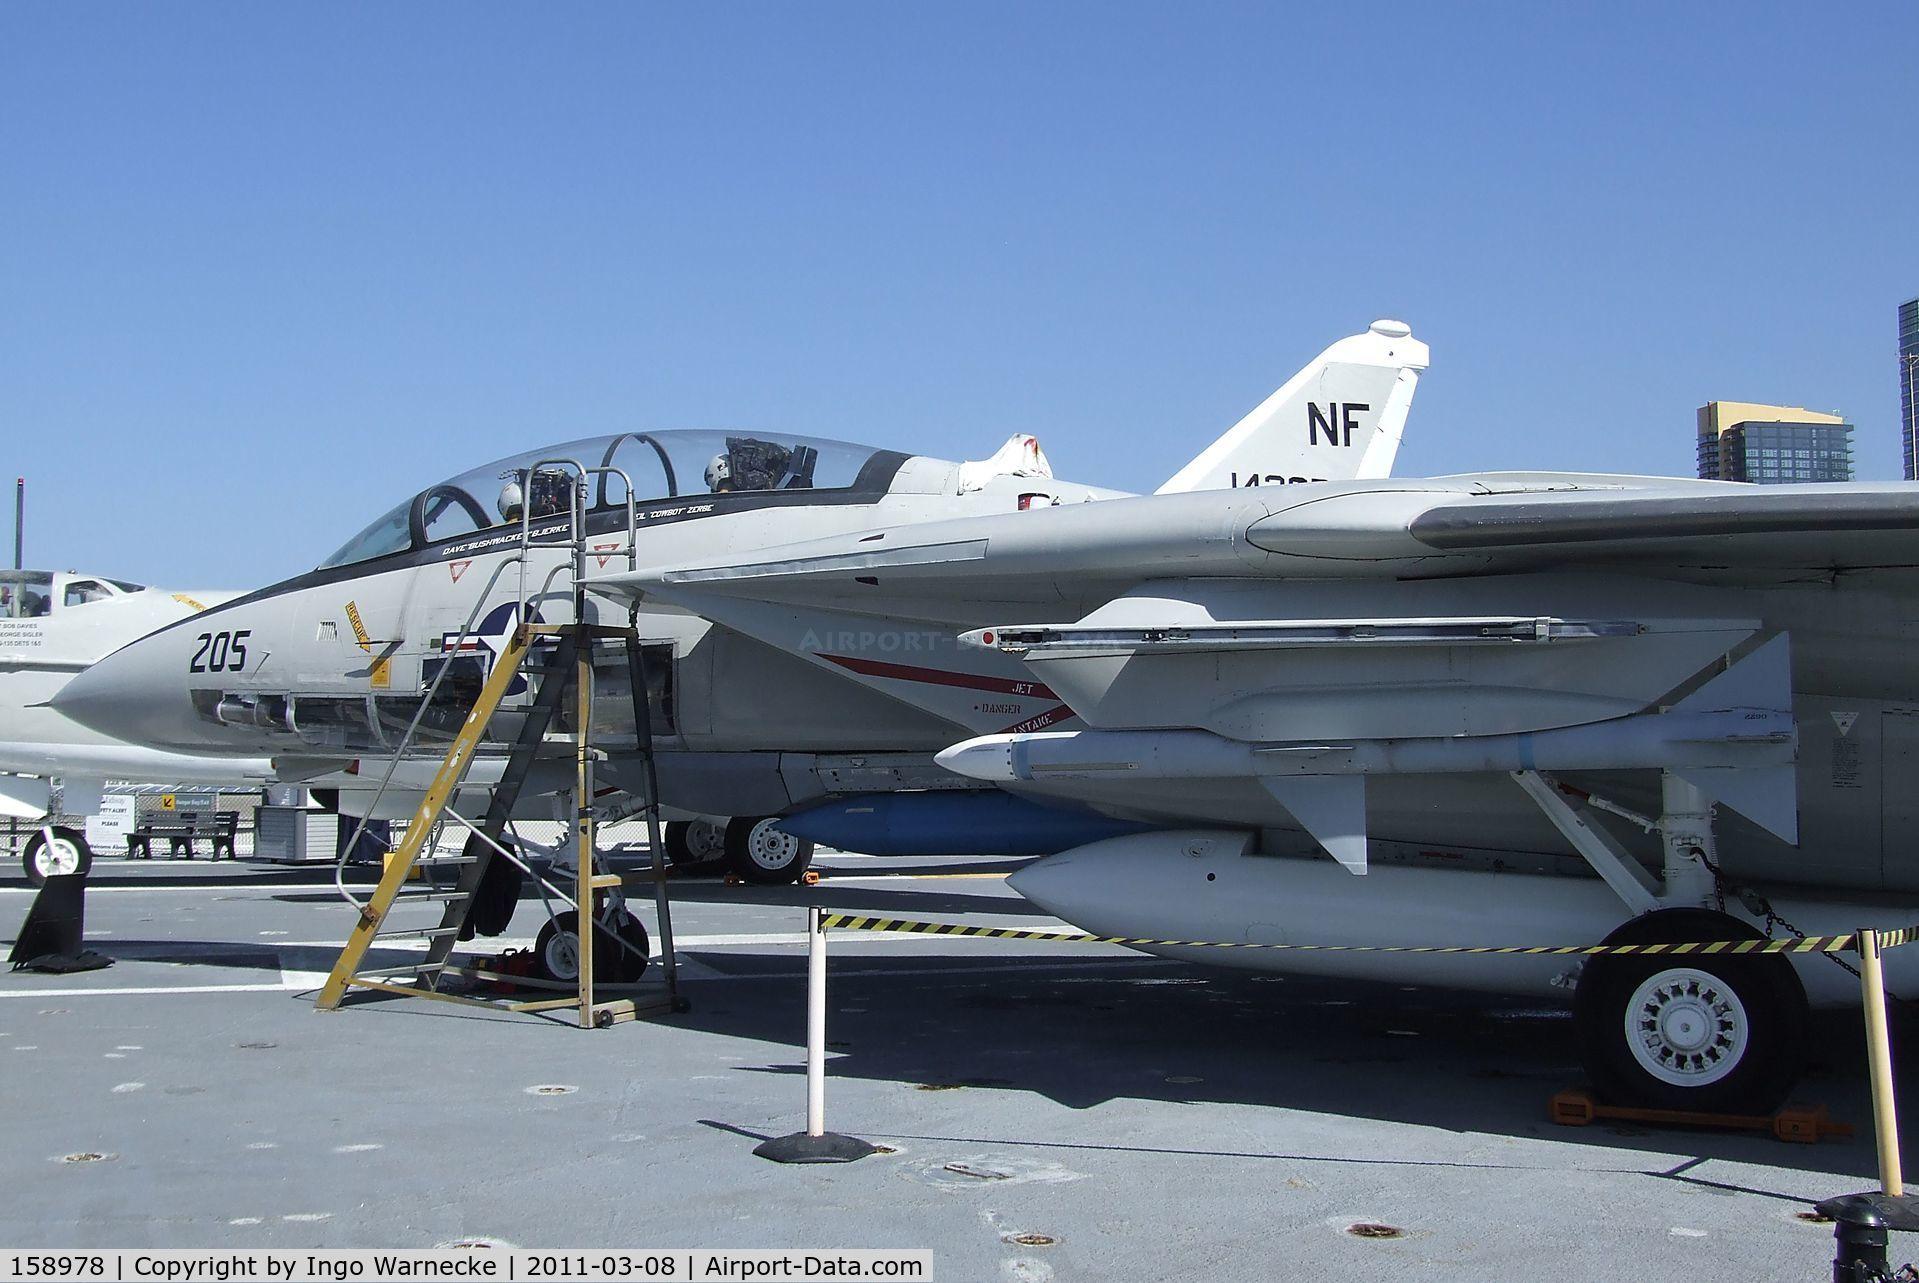 158978, Grumman F-14A Tomcat C/N 39, Grumman F-14A Tomcat on the flight deck of the USS Midway Museum, San Diego CA